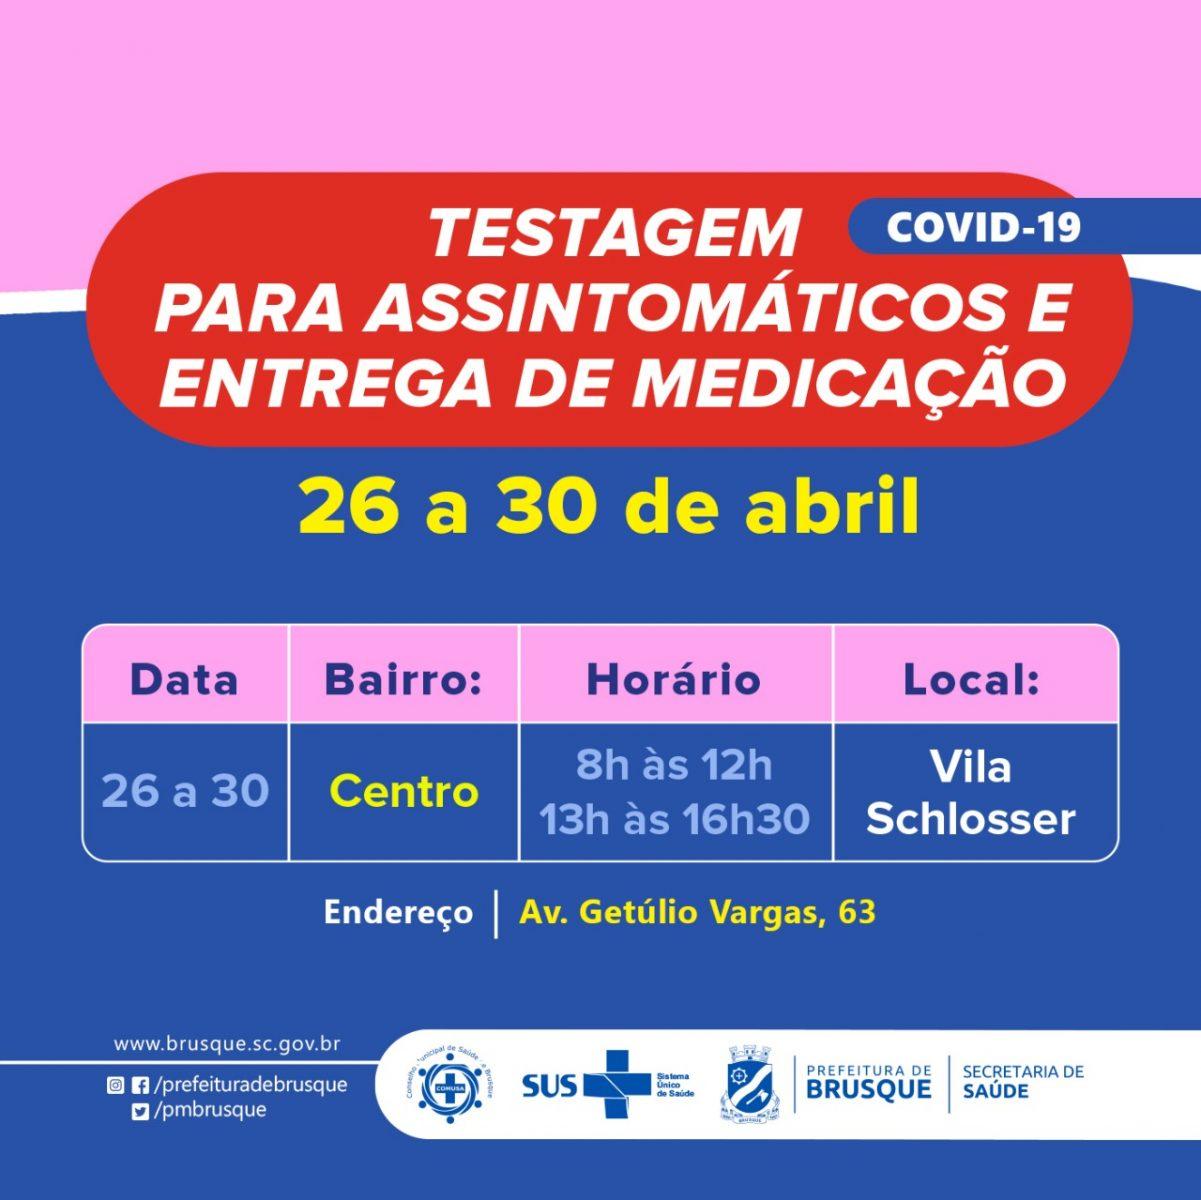 Covid-19: Unidade de testagem para assintomáticos atende na UNIASSELVI